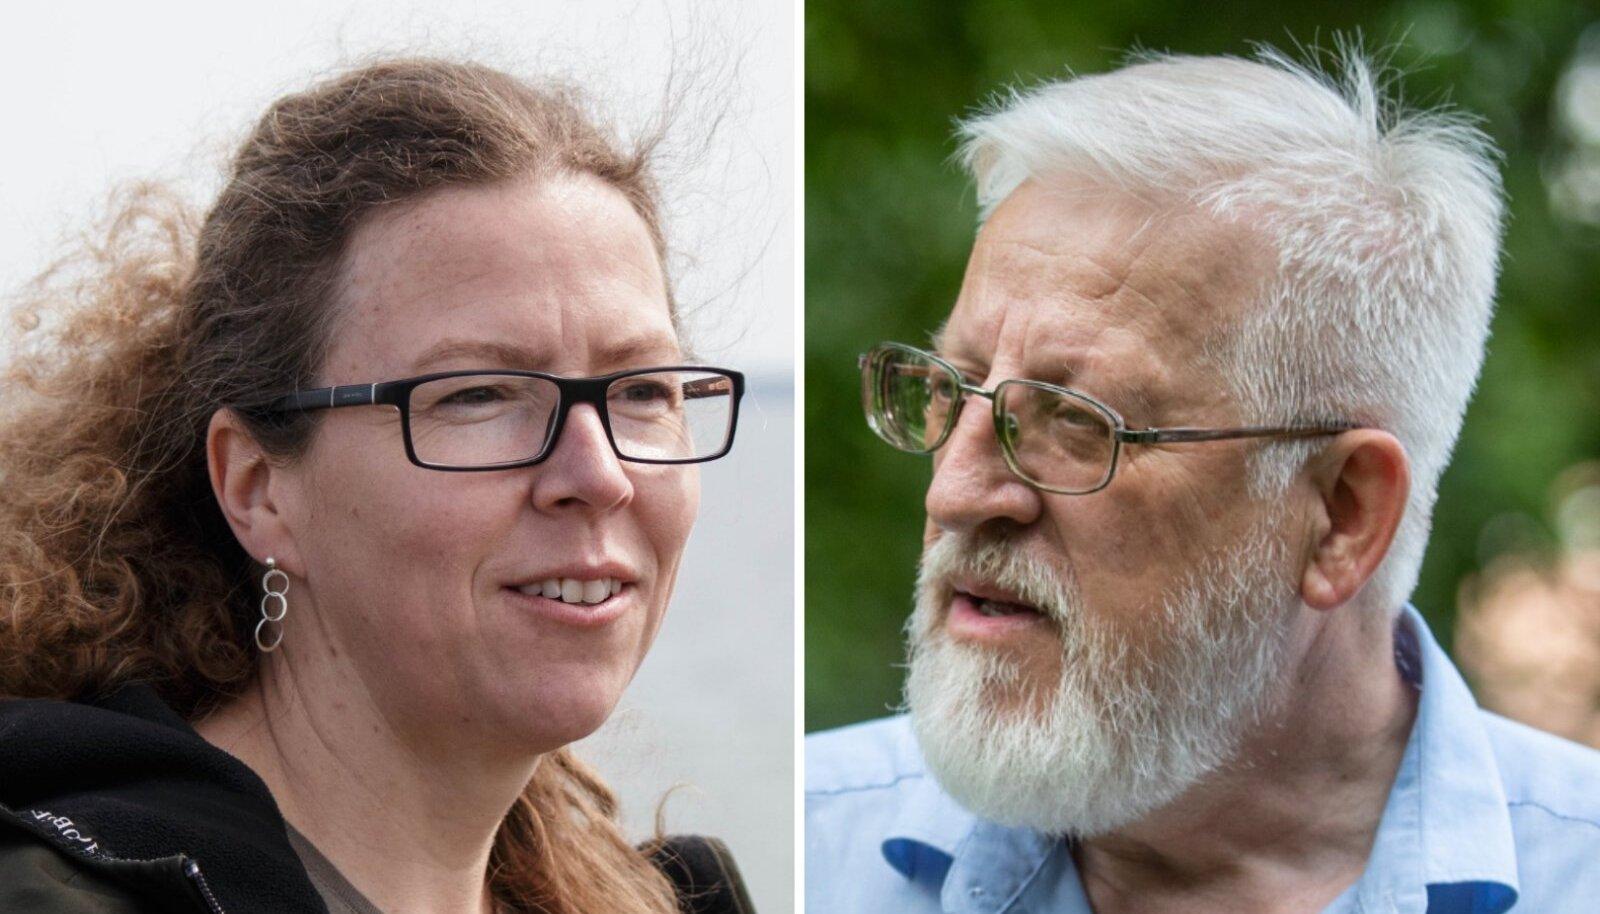 """""""Need inimesed on vabad erakondlikust vaatest, armastavad Eestit ja on tõestanud end erialaselt. Lisaks oskavad nad eristada fakte populistlikest väljamõeldistest ja lobbistide ettesöödetavatest soovidest,"""" sõnasid rohelised."""